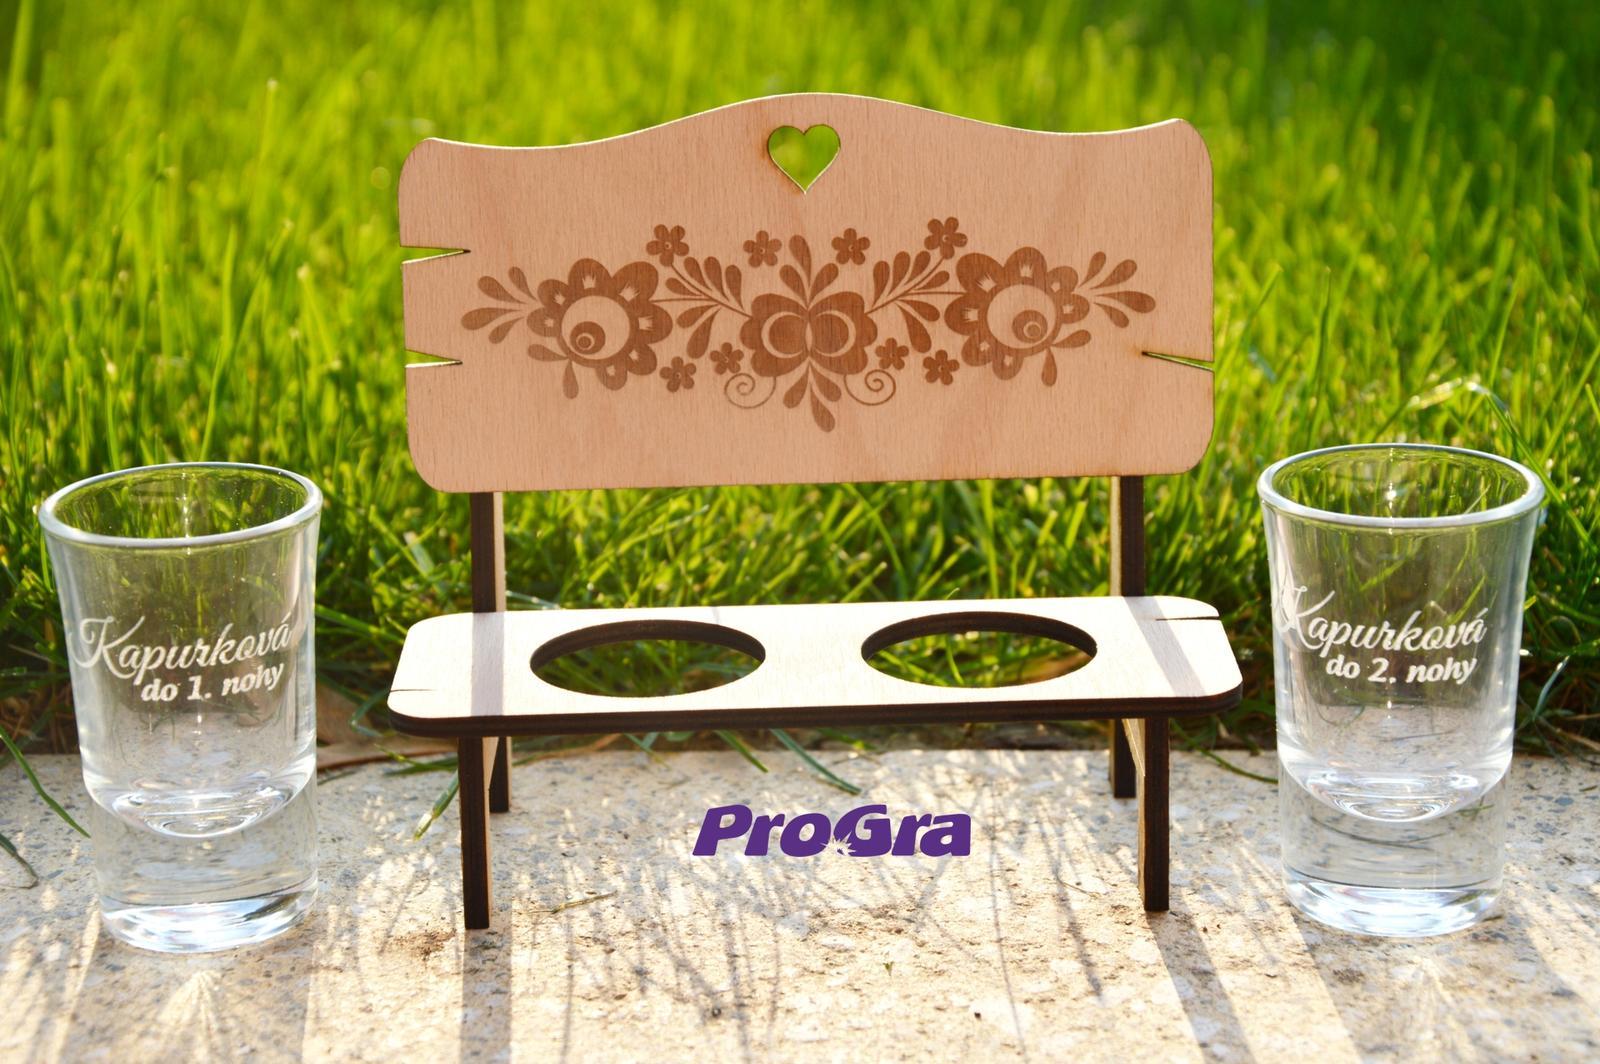 Ľudovka - lavička so štamprlíčkami - darčekový set - Obrázok č. 3